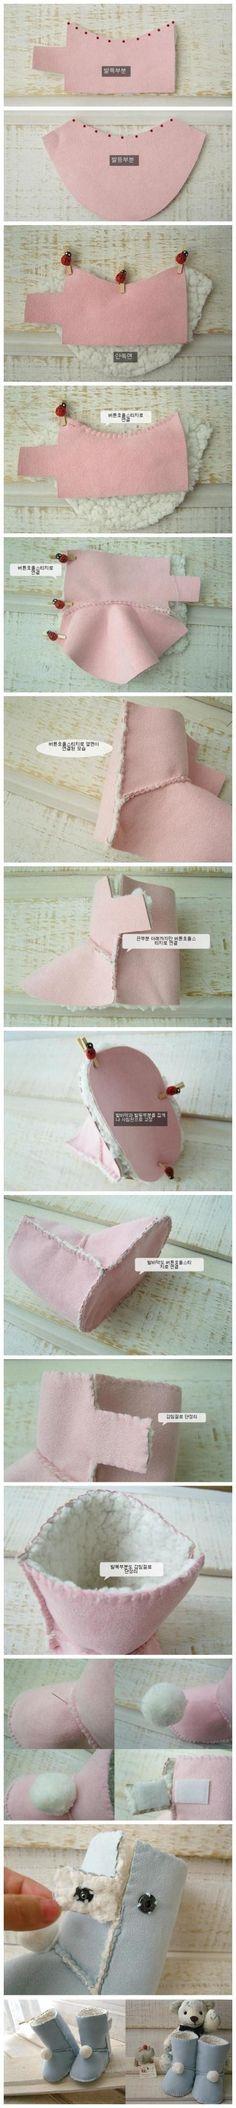 Idée et tuto à reprendre pour se fabriquer des bottes de barbare. (bon, c'est vrai, la couleur rose n'est pas adaptée ! )